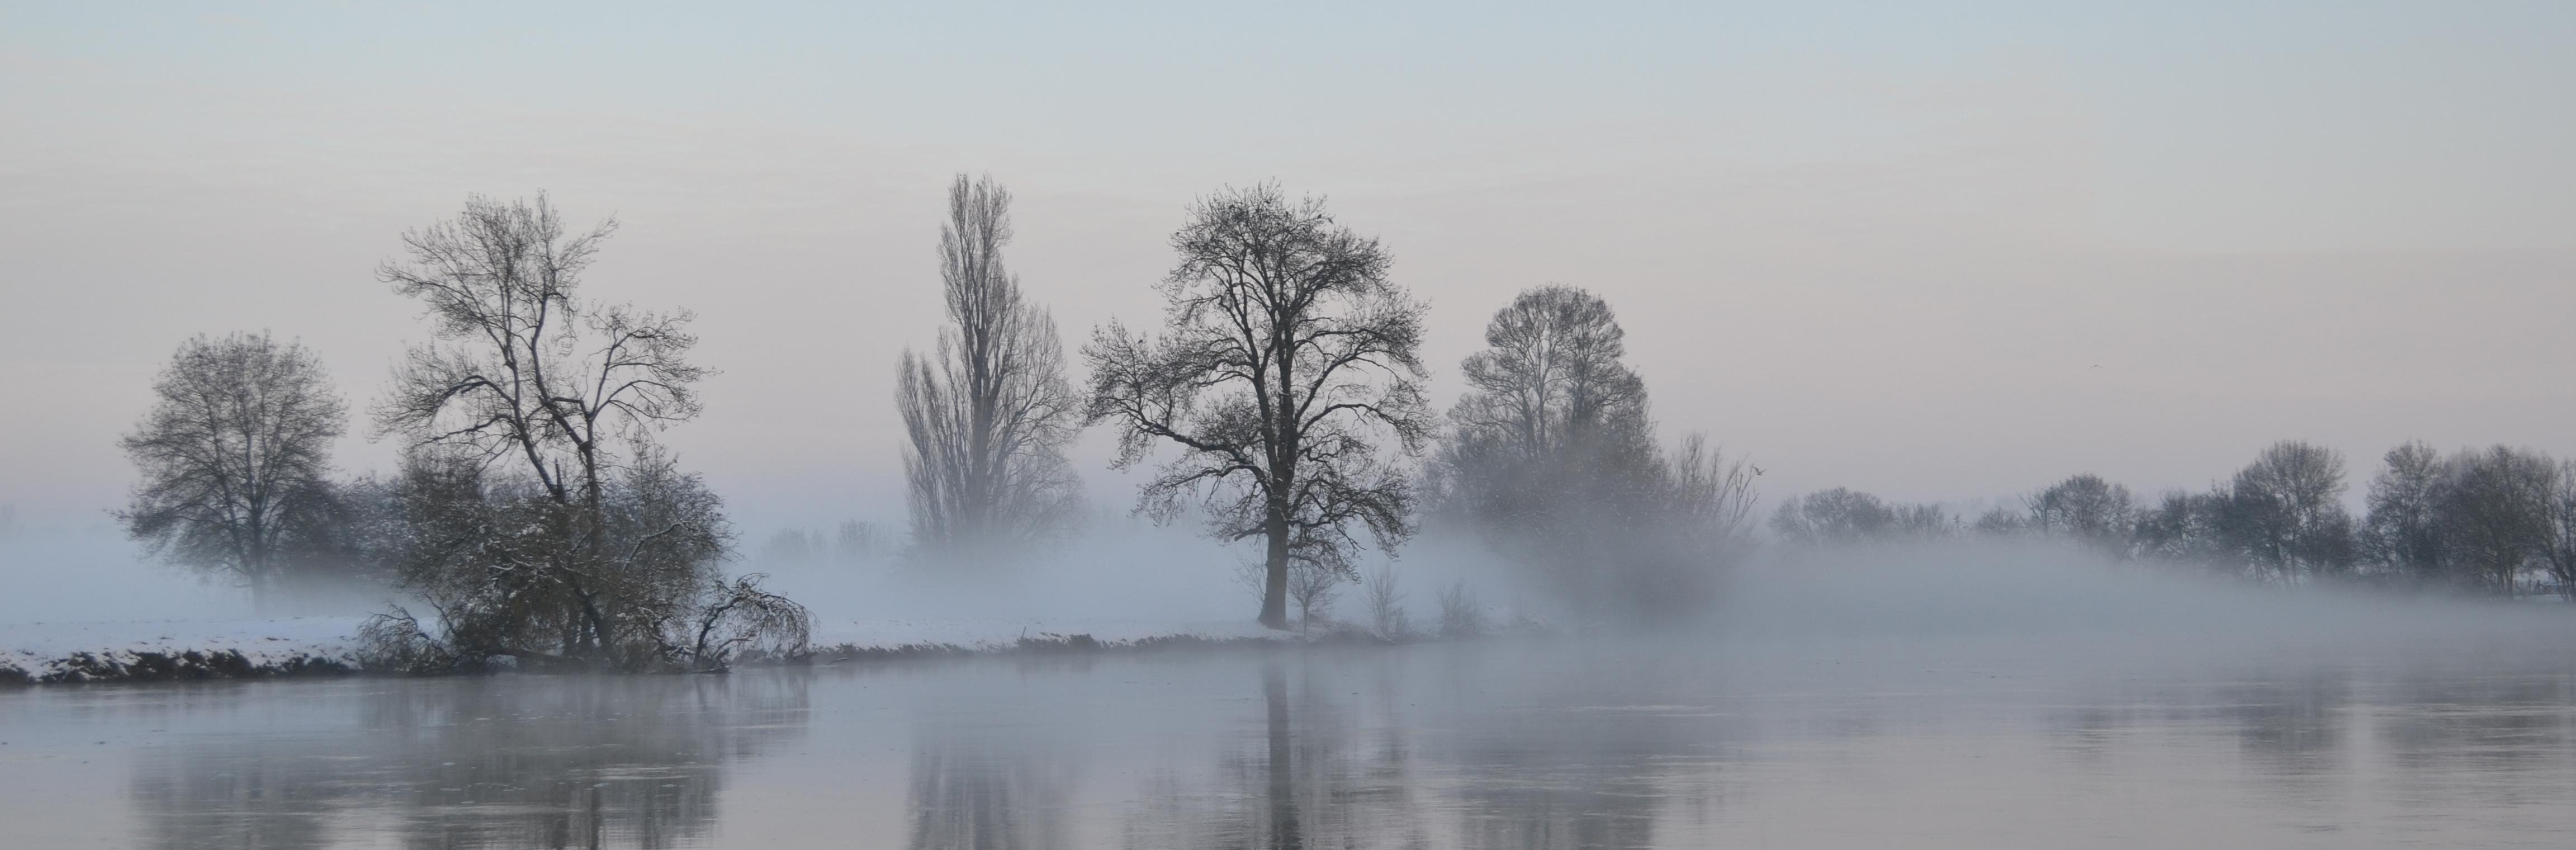 Le Cher sous la brume en hiver